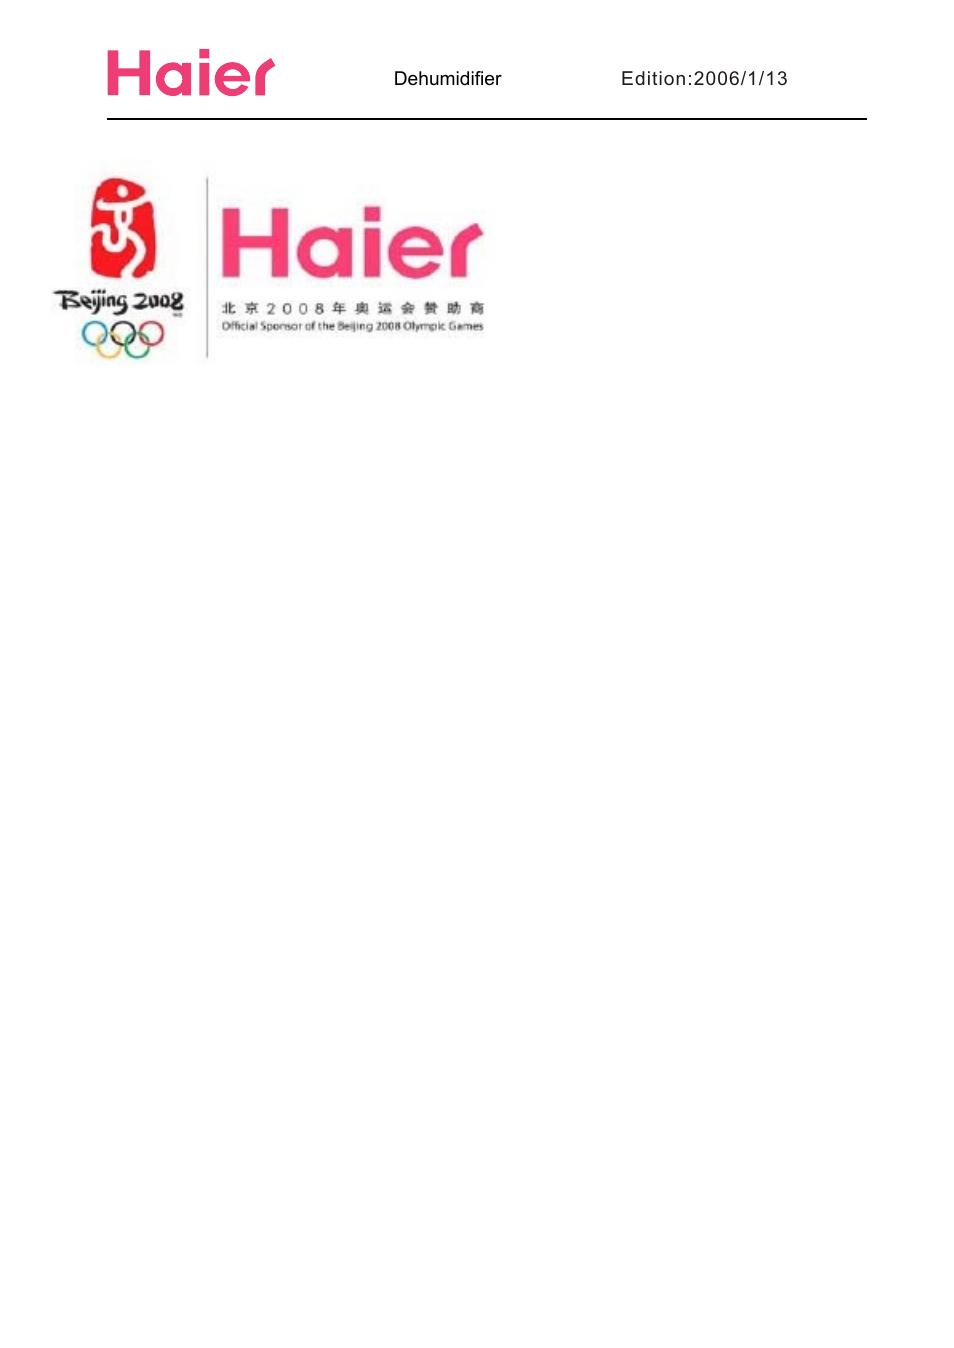 haier hd456 user manual 18 pages also for hd656 hd456e hd306 rh manualsdir com Haier Dehumidifier Walmart Haier DE65EK 45 Pint Dehumidifier